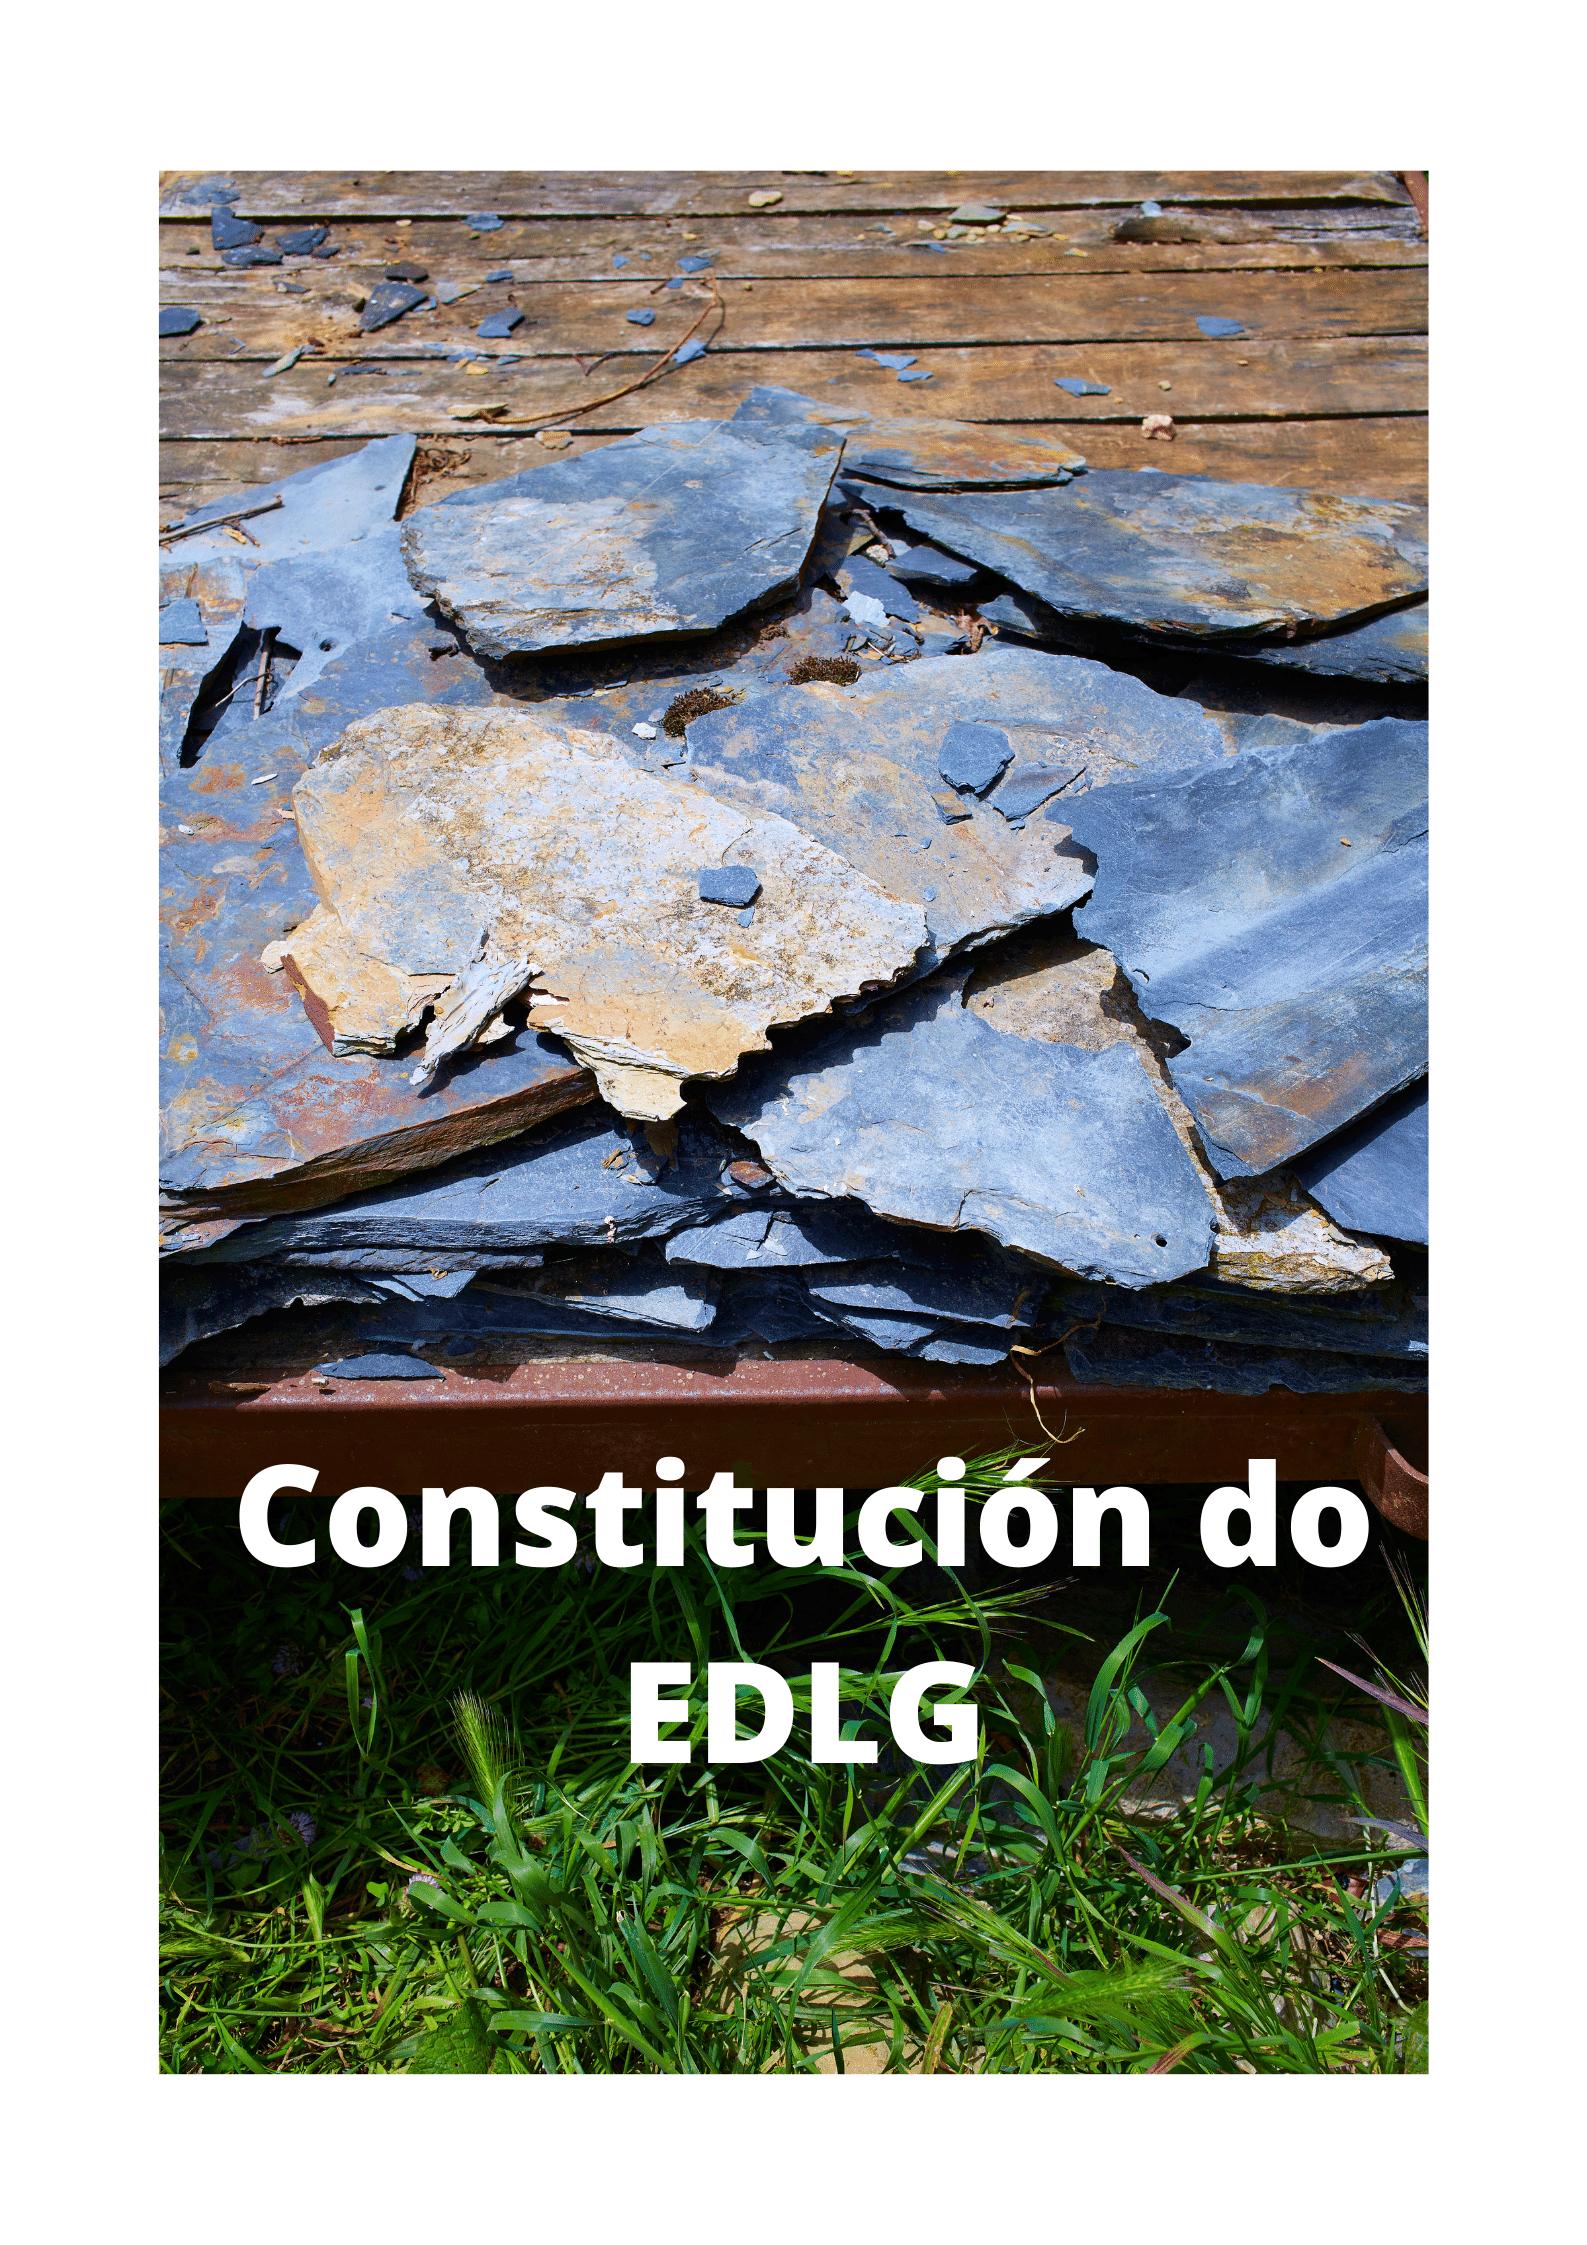 Constitución do EDLG